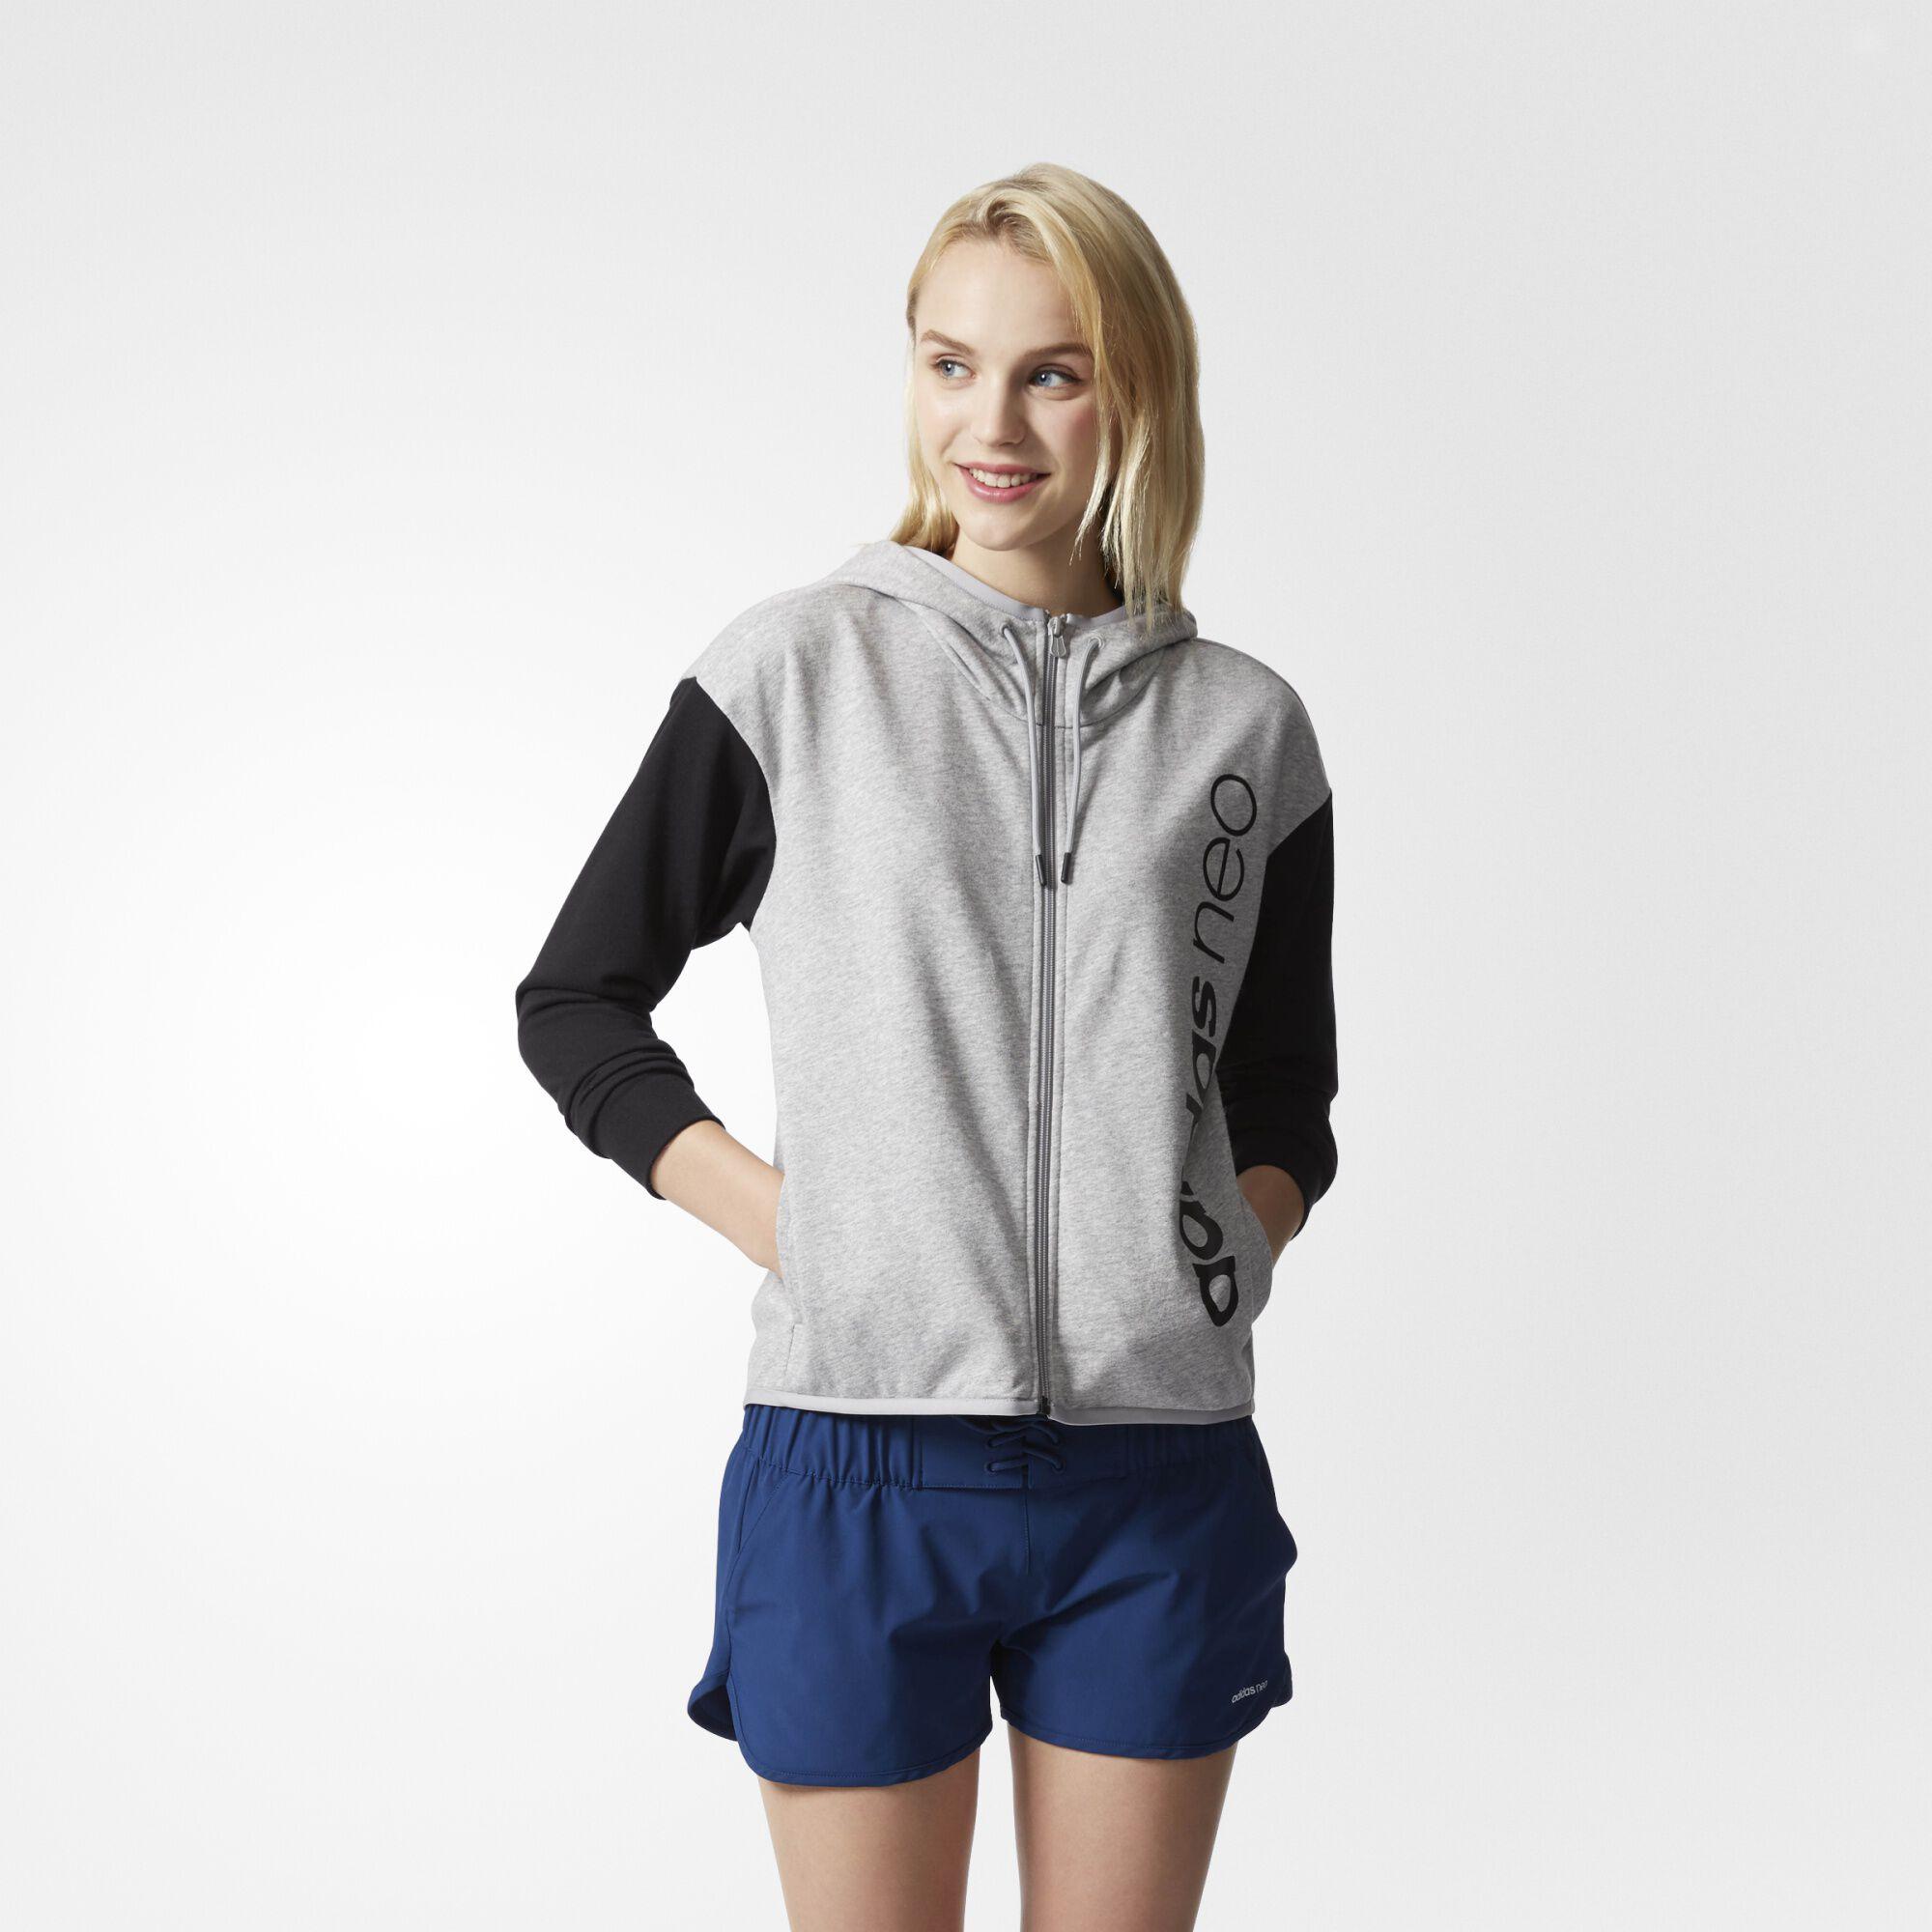 Adidas hoodie sale